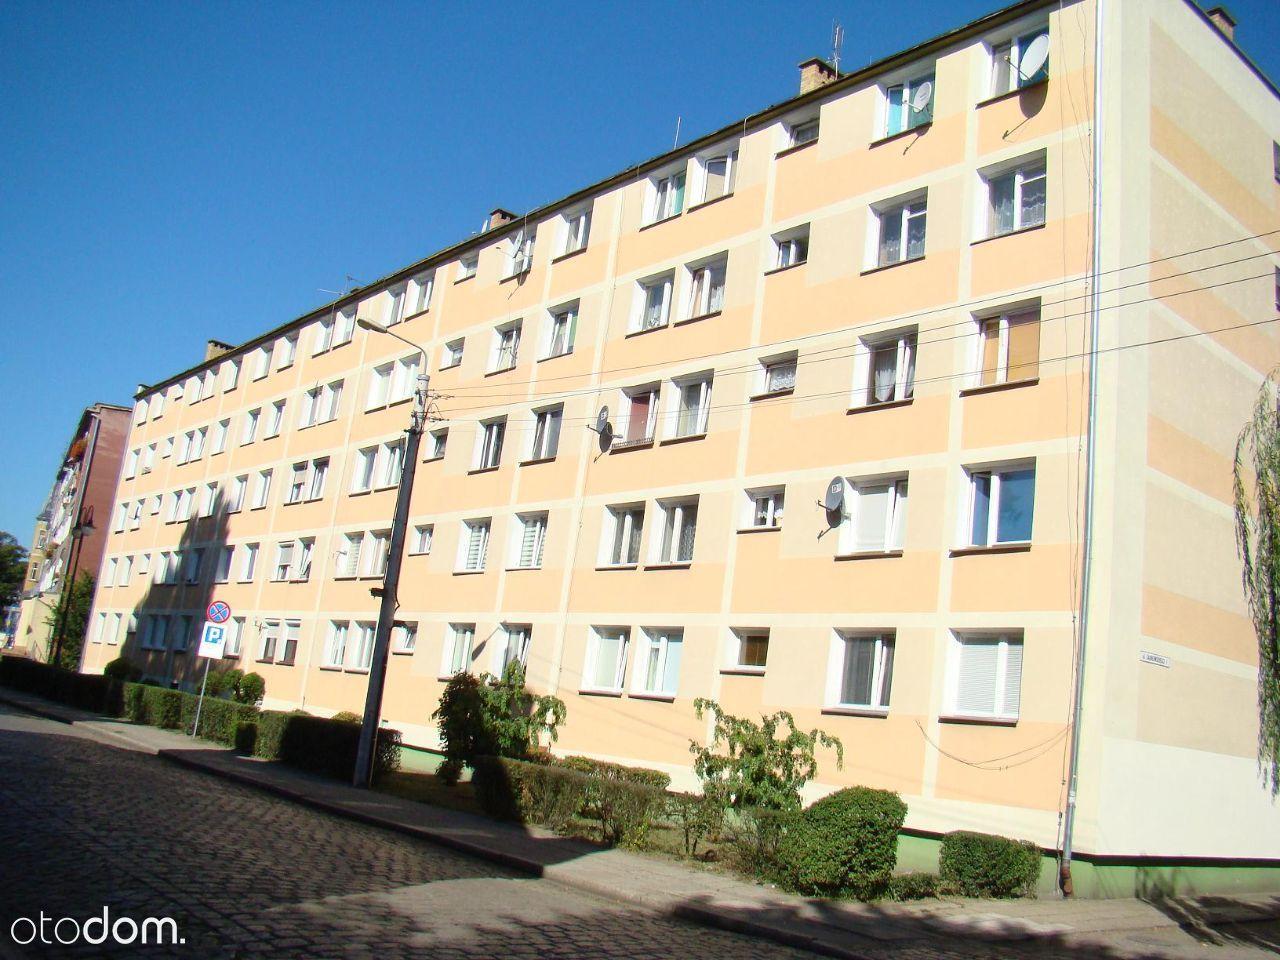 Mieszkanie 2 pokojowe, II p. blok ul. Dąbrowskiego